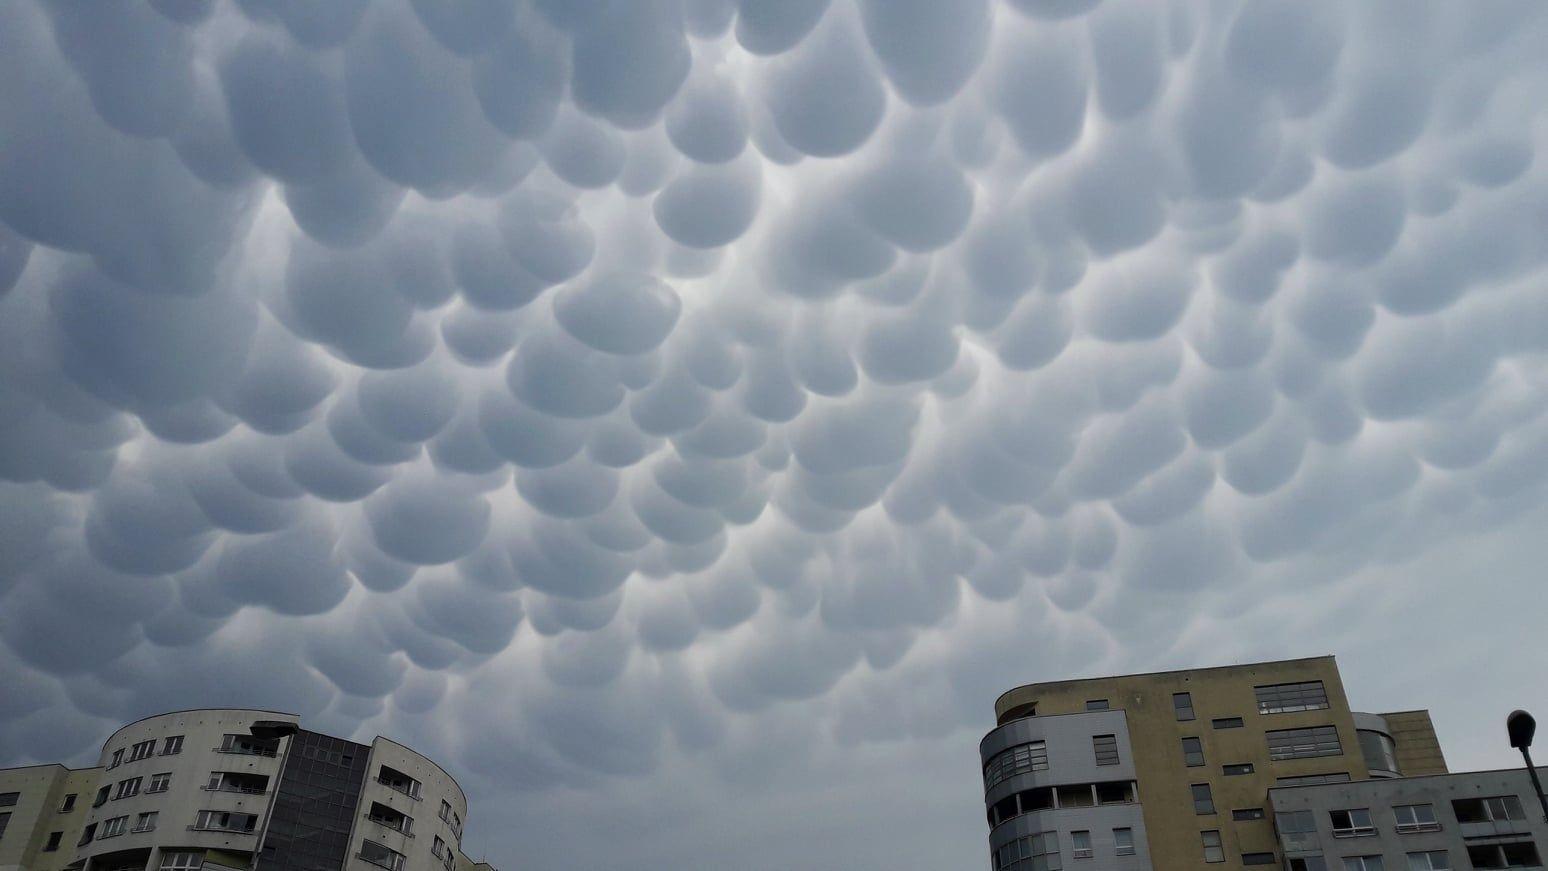 Zdjęcie: Na niebie chmury wyglądające jak dziesiątki wystających z nieba bąbli, w dole budynki.